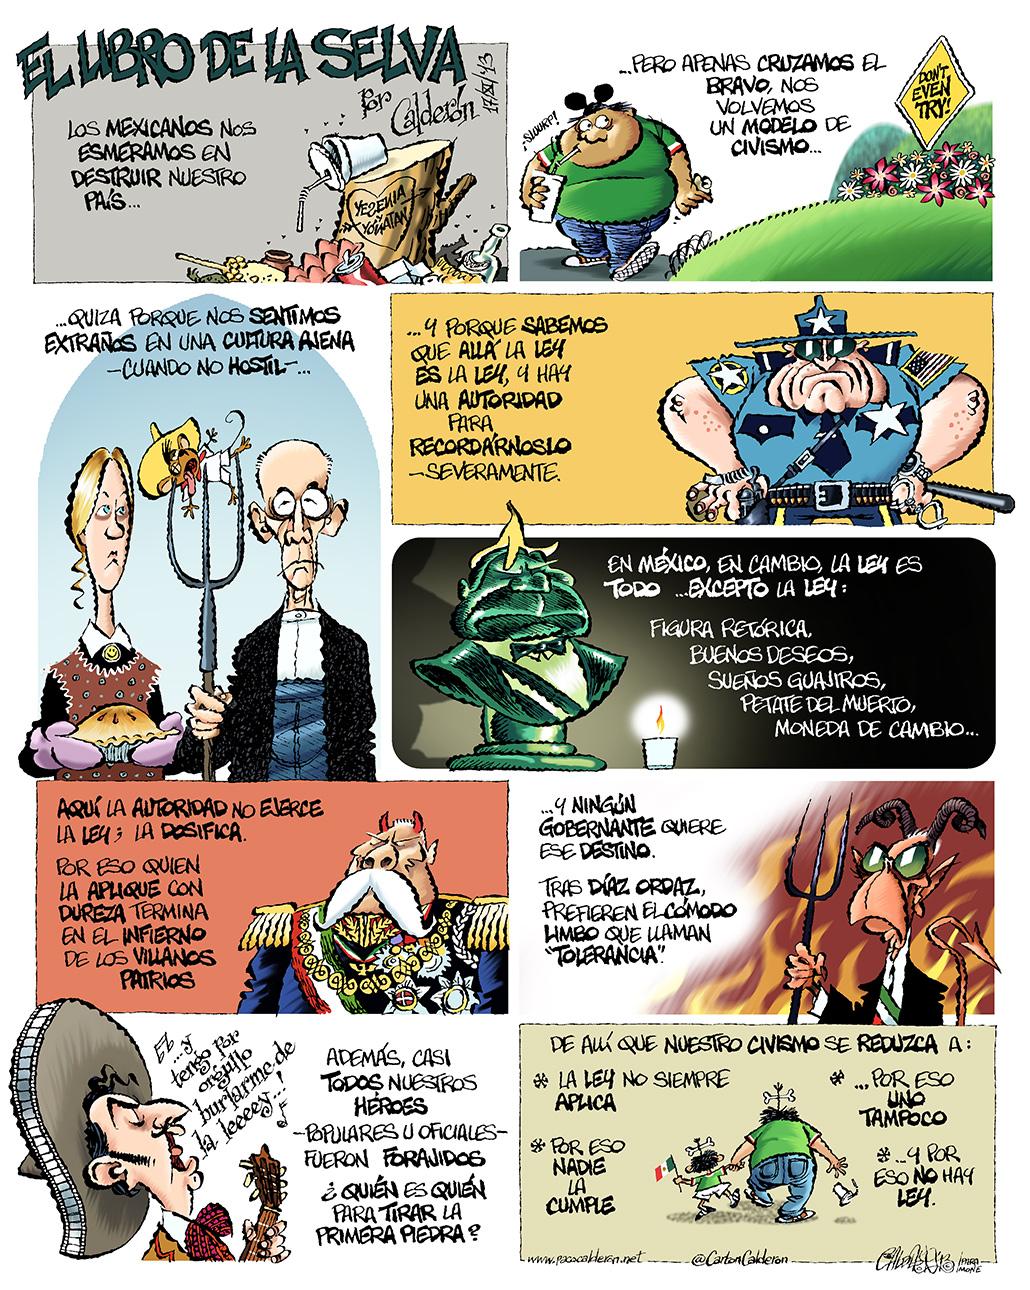 La ley de la selva - Calderón